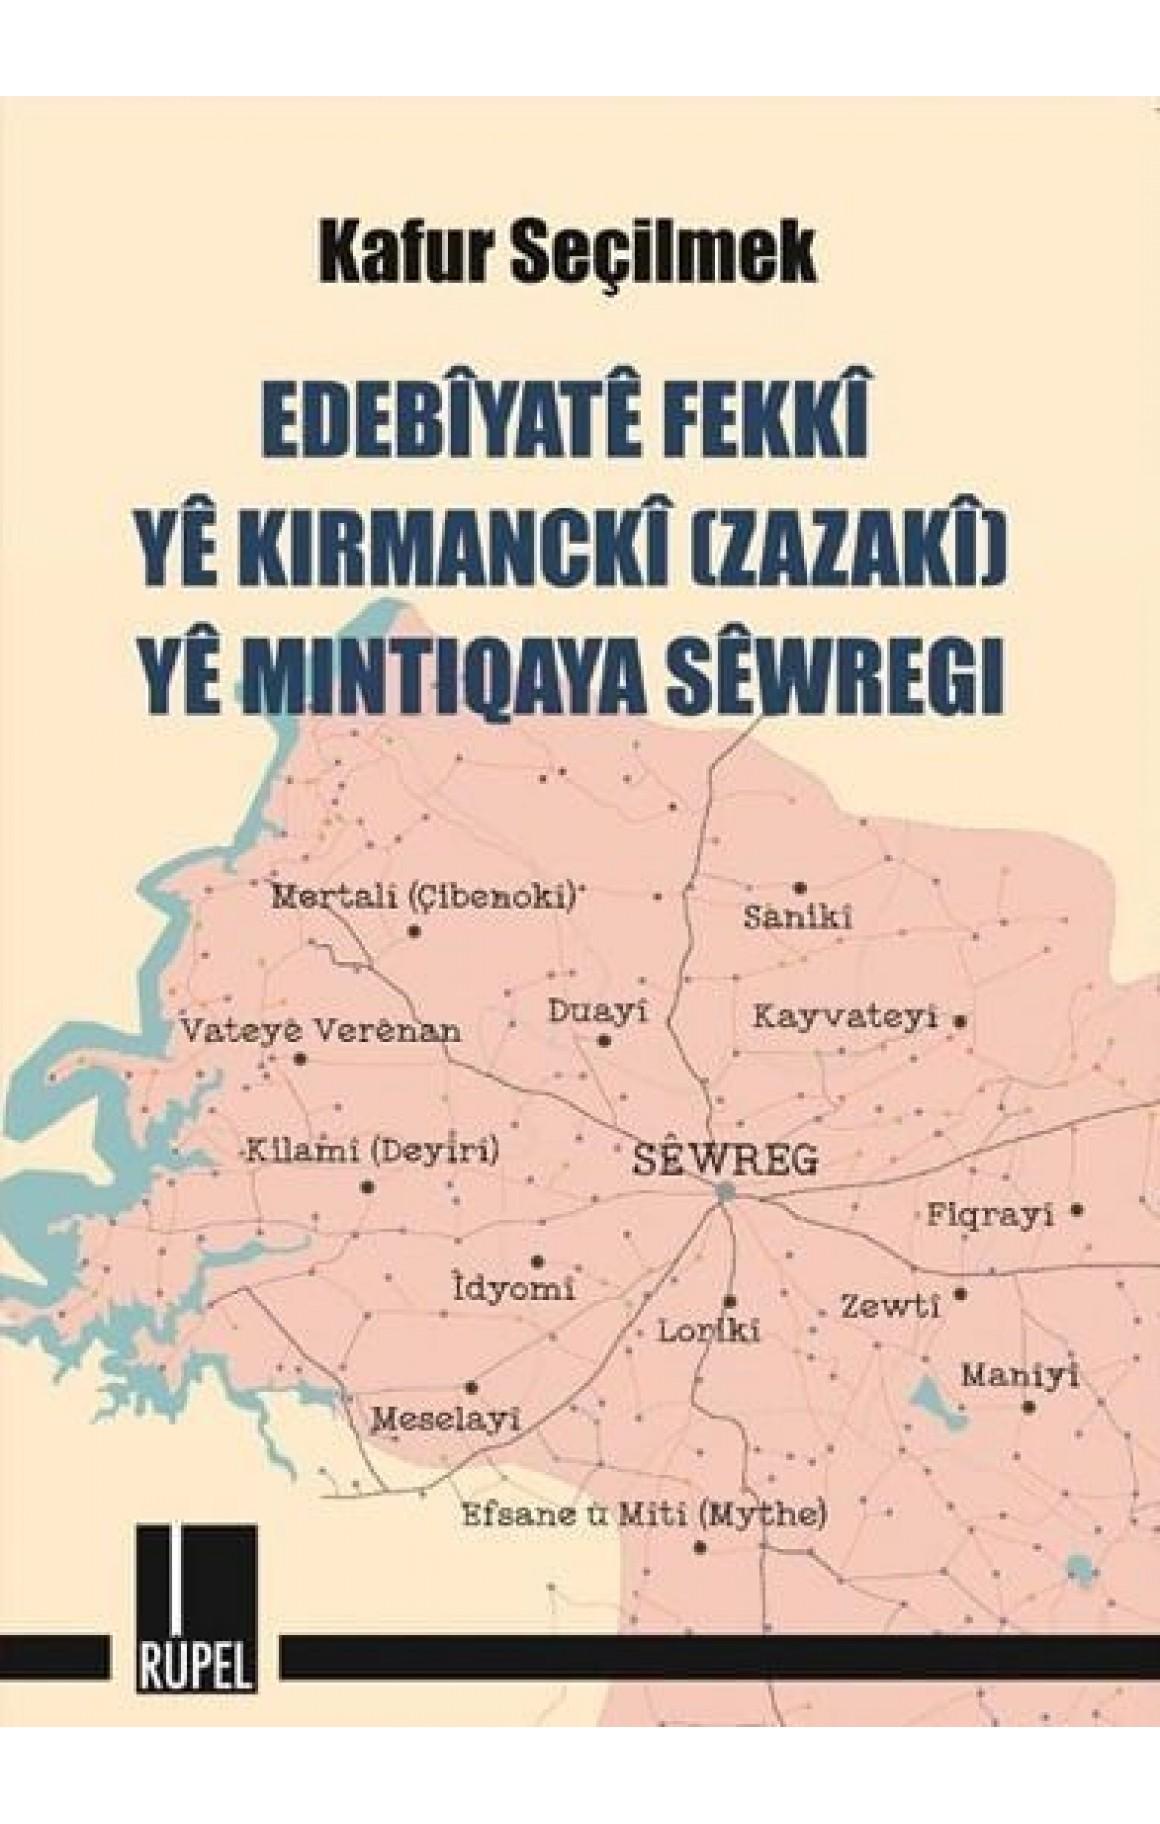 Edebîyatê Fekkî yê Kirmanckî (Zazakî) yê Mintiqaya Sêwregi